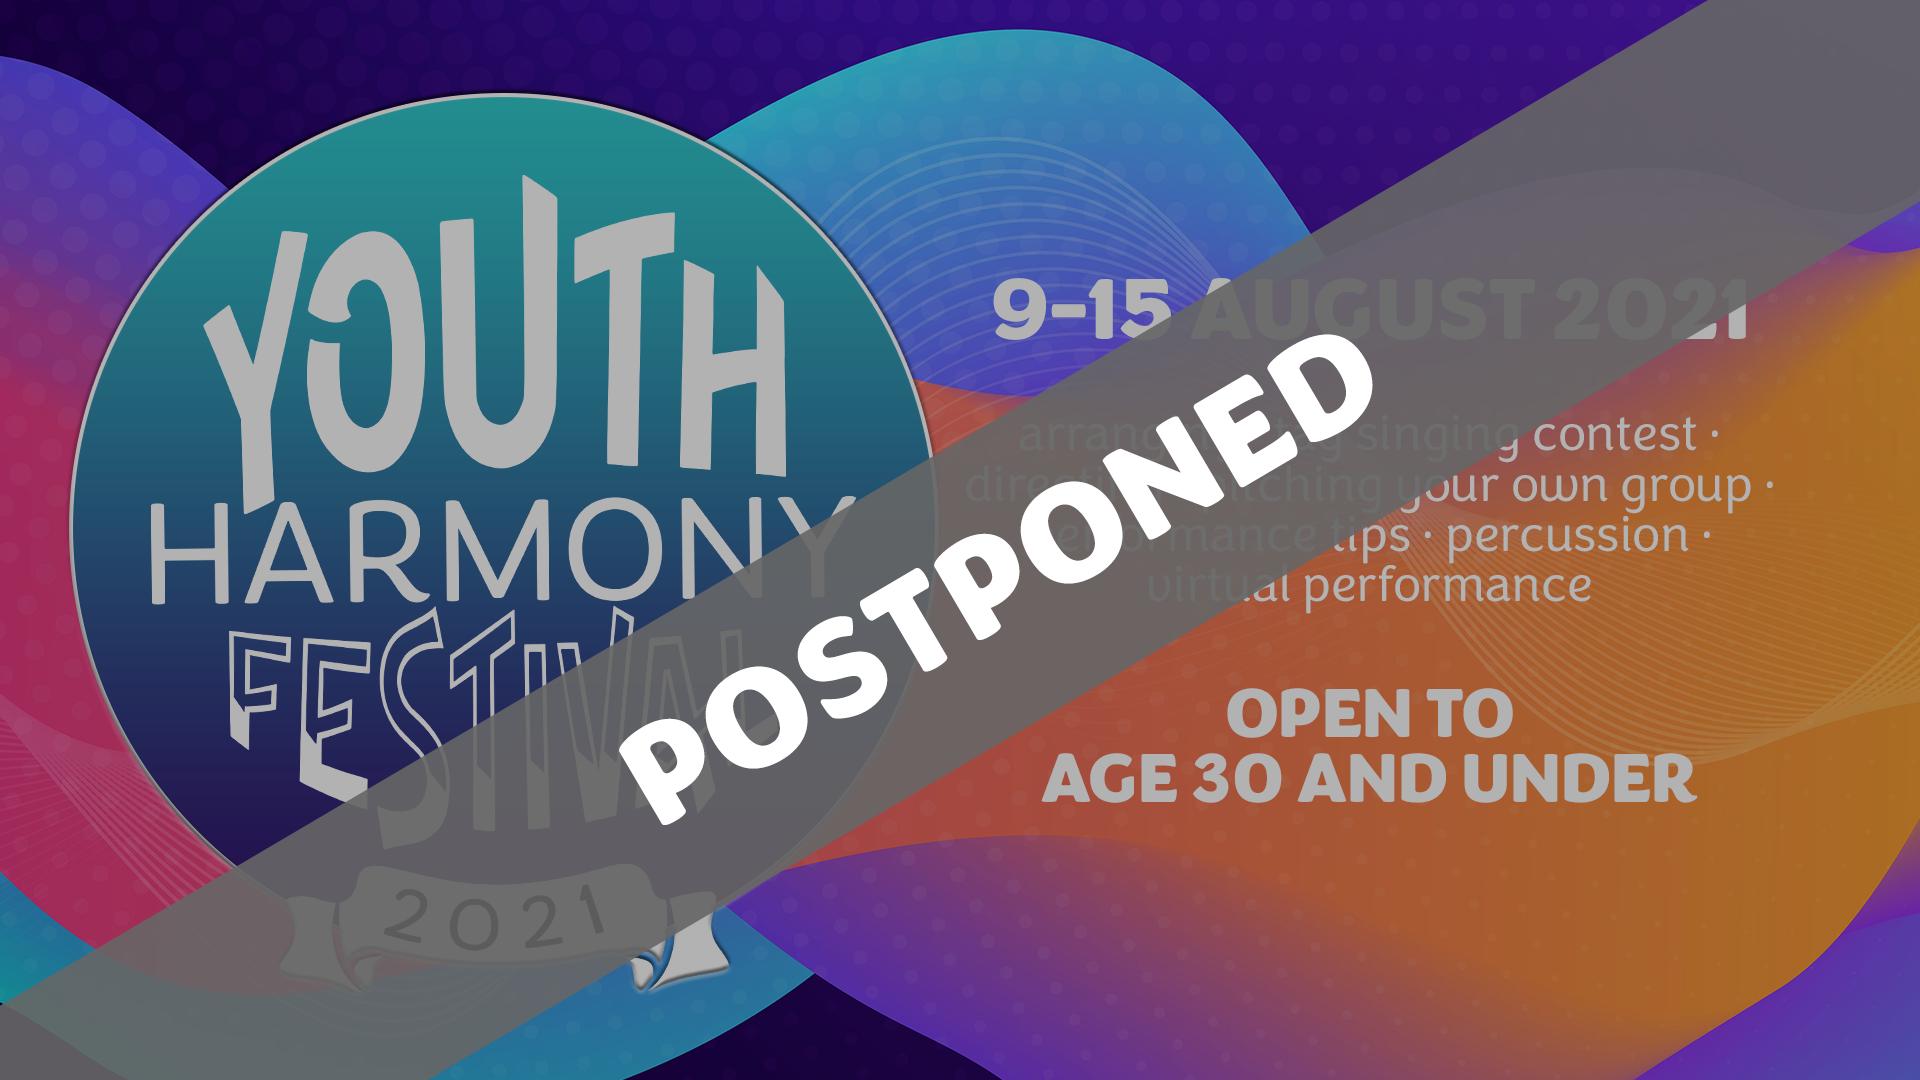 Youth Harmony Festival 2021